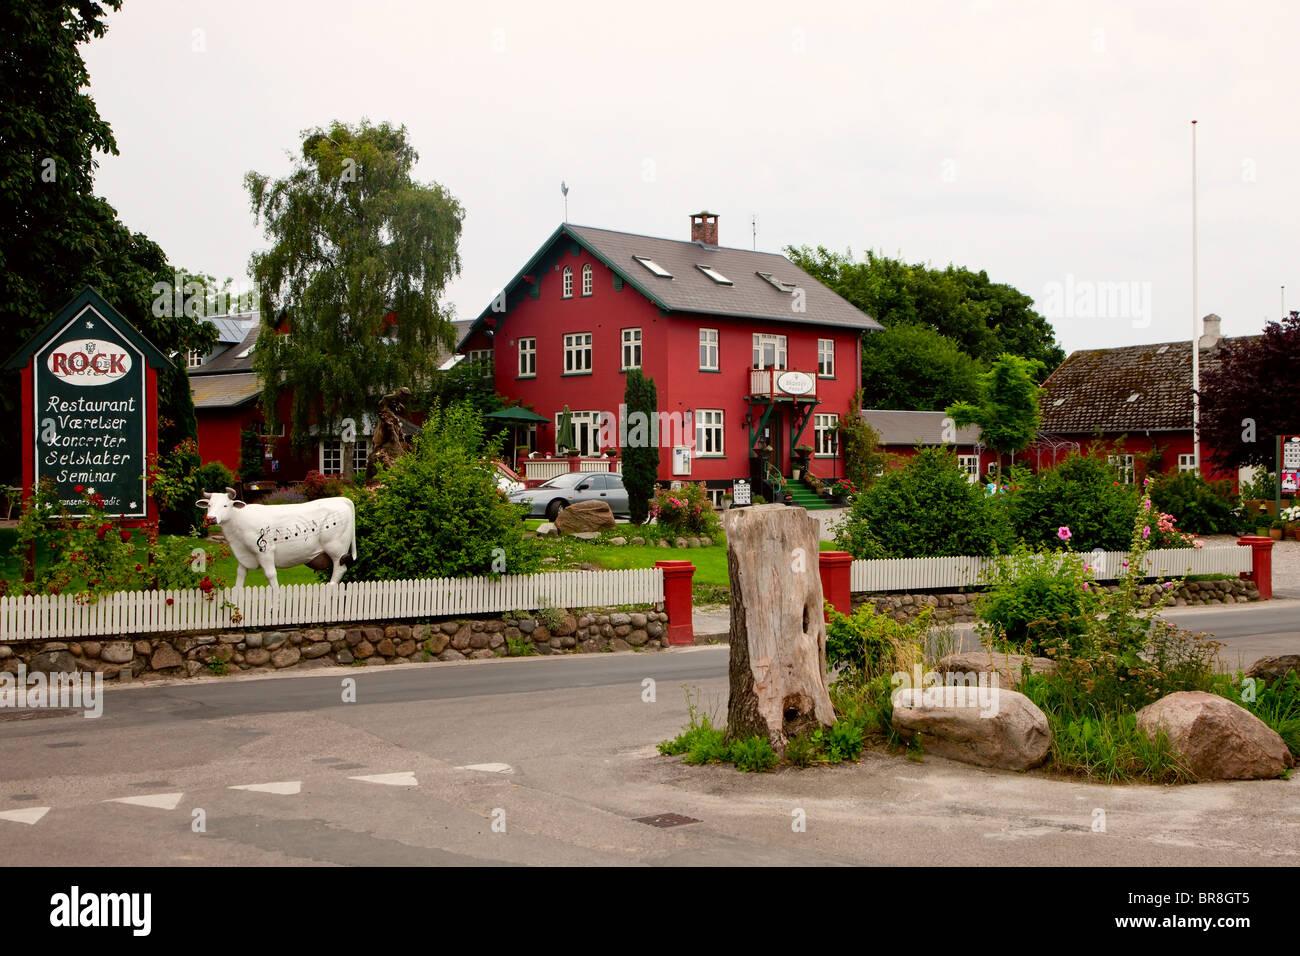 Das berühmte Brundby Rock Hotel auf Samsø-Dänemark Stockbild